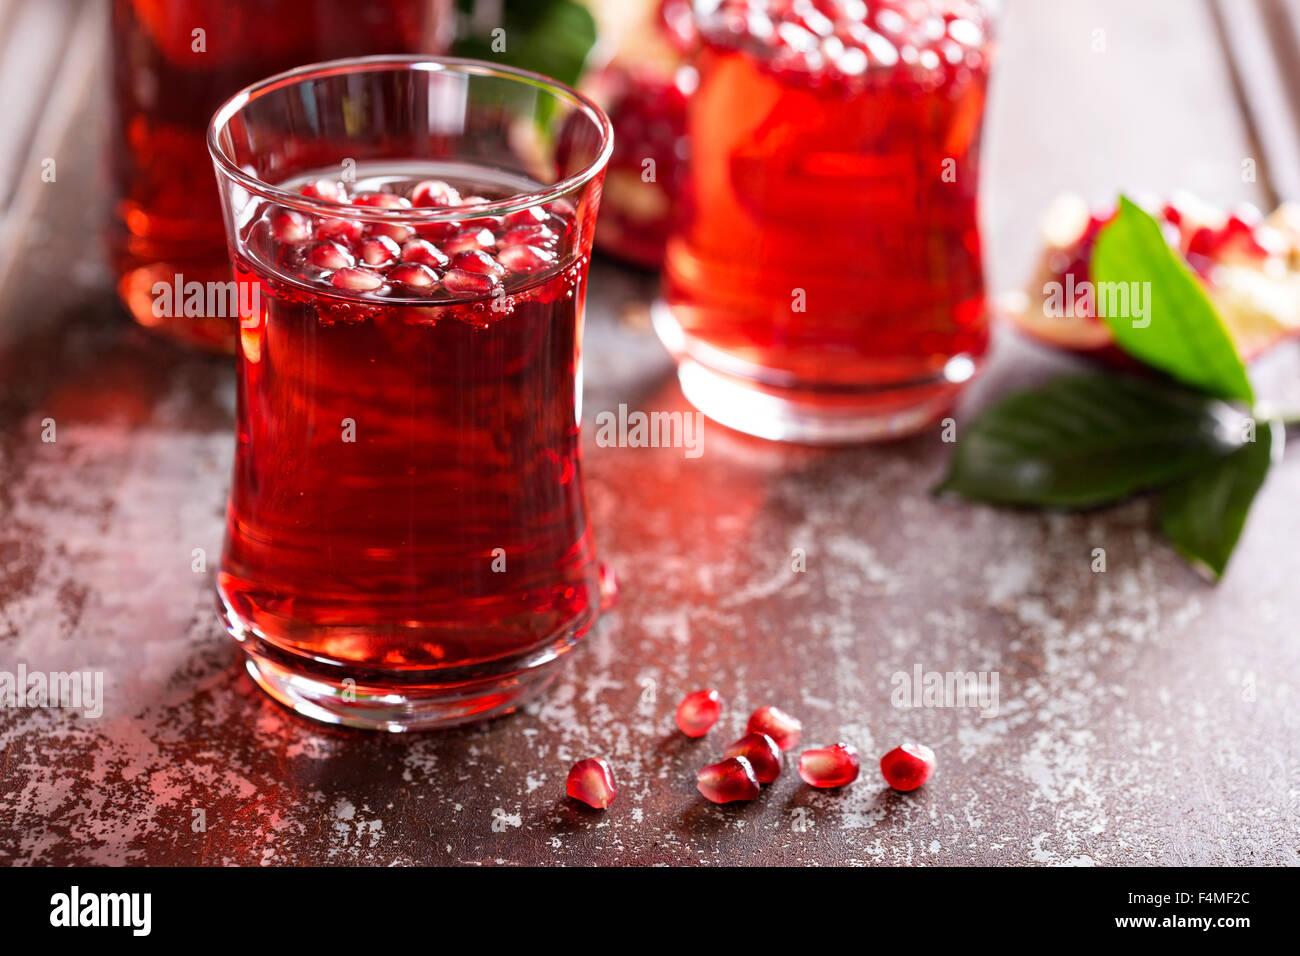 Granatapfel-Drink mit Mineralwasser fallen kaltes Getränk Stockbild